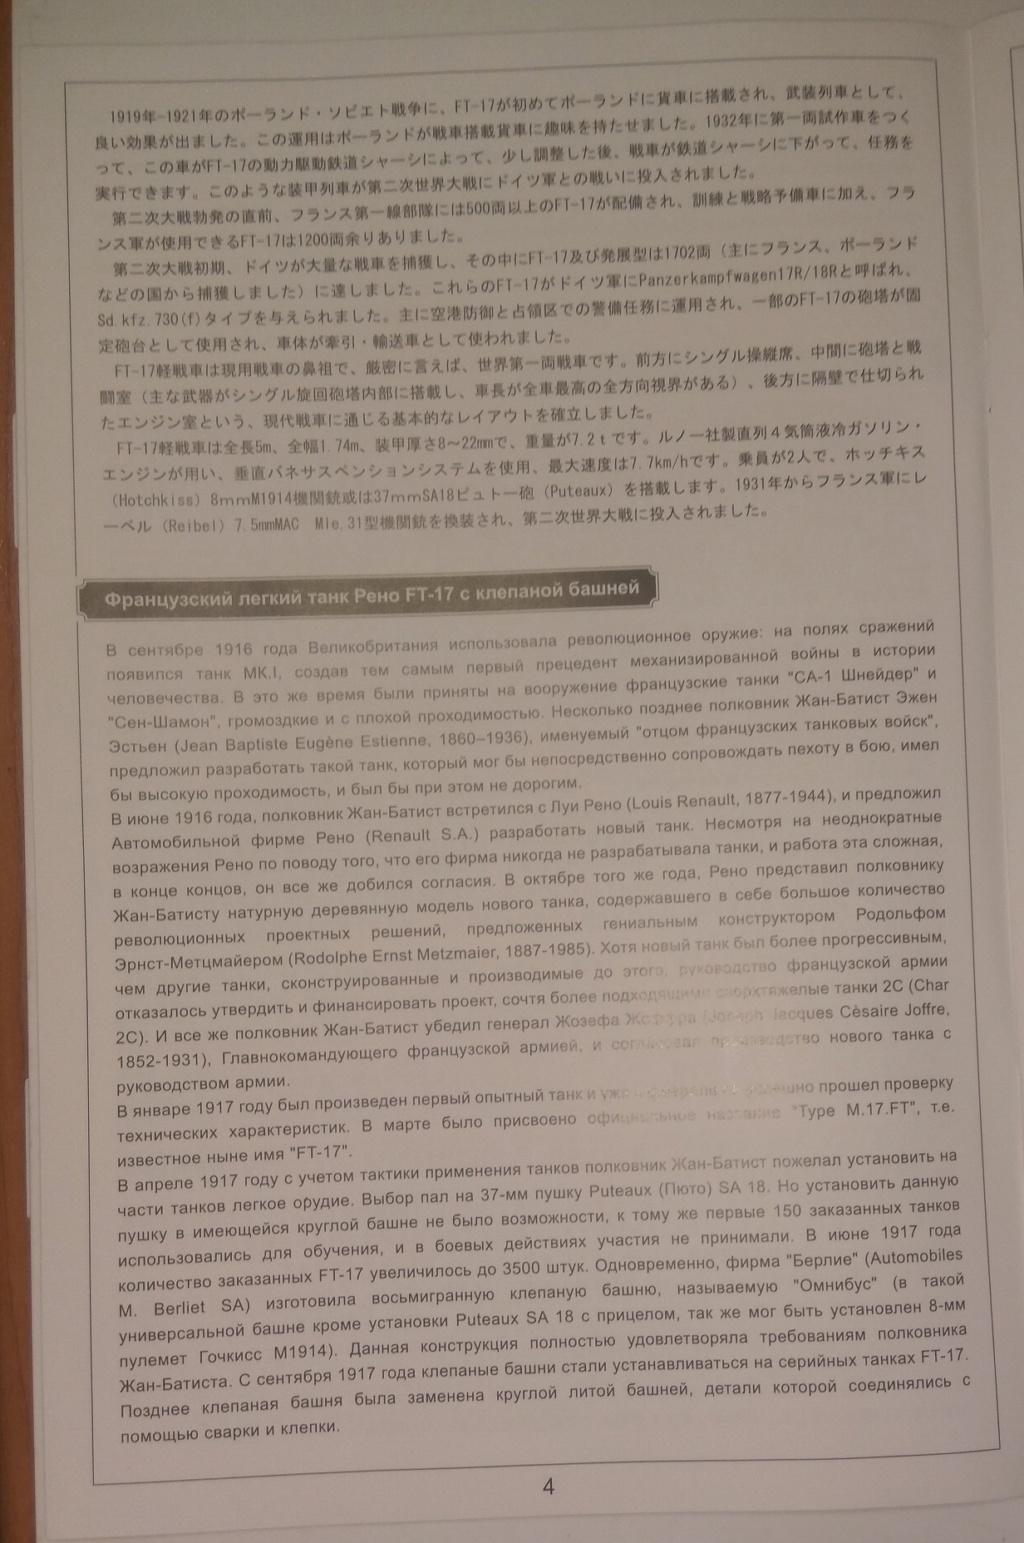 обзор лёгкий танк РЕНО FT-17 1:35 MENG TS-011 0510